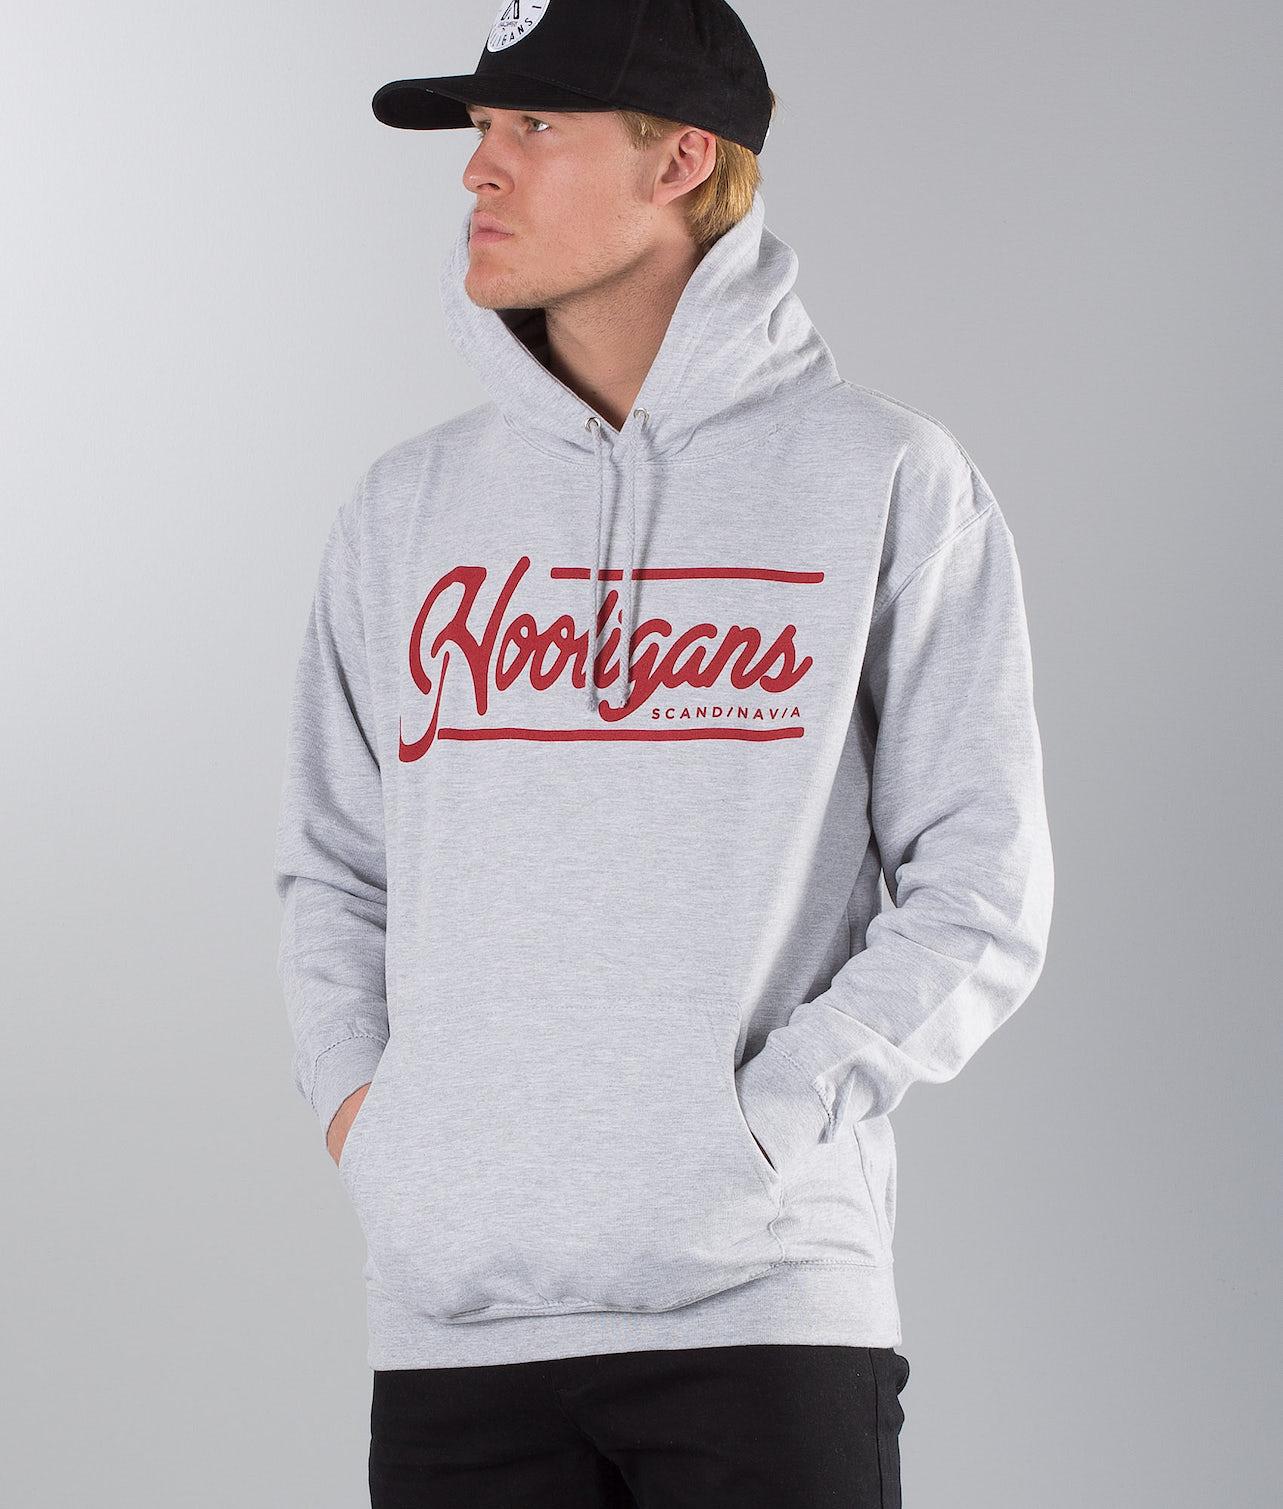 Kjøp Scandinavia Hood fra Northern Hooligans på Ridestore.no - Hos oss har du alltid fri frakt, fri retur og 30 dagers åpent kjøp!